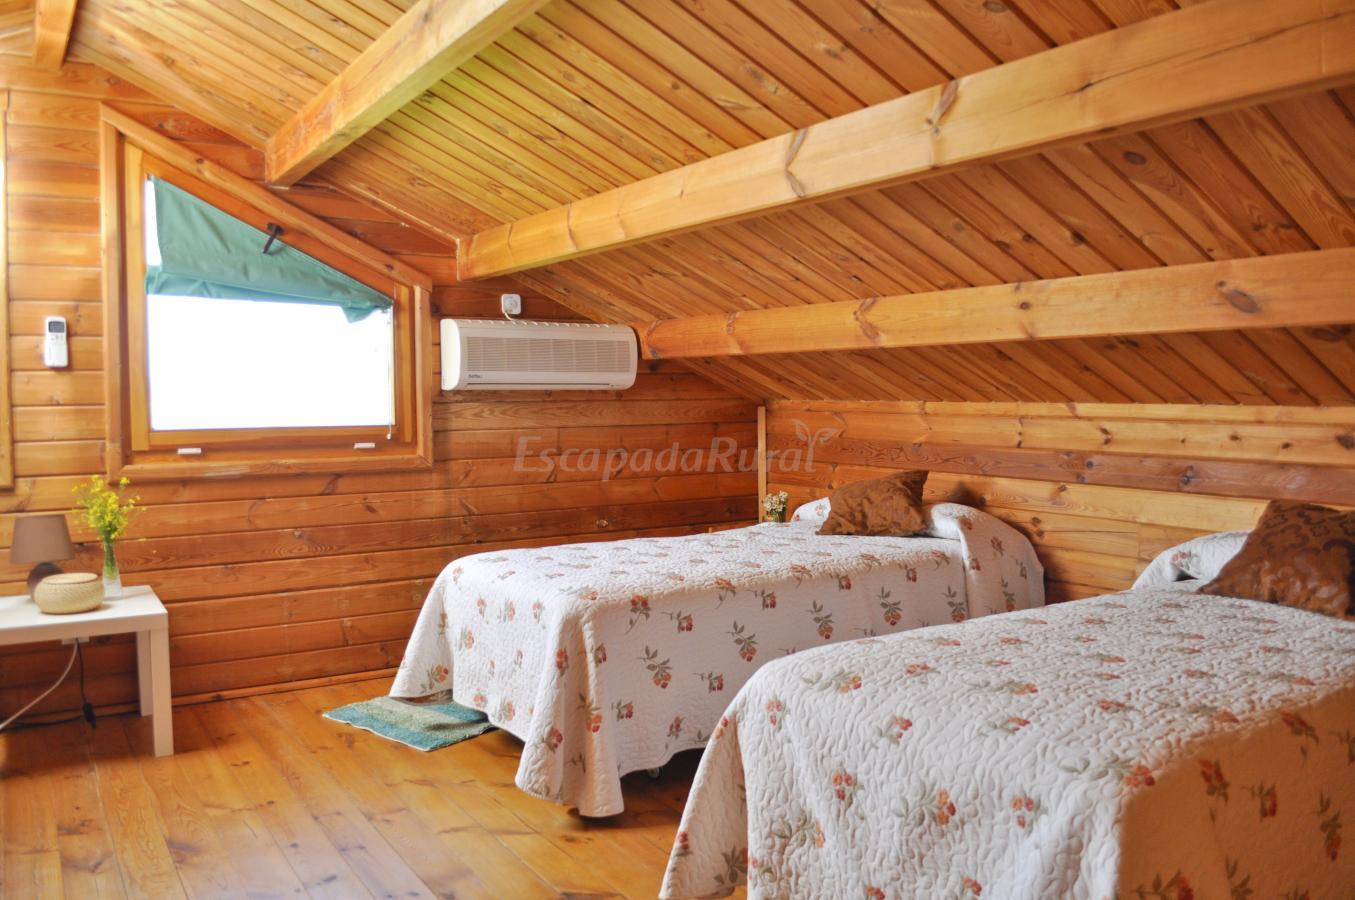 Fotos de recinto rural caba as de madera tabla honda - Buhardillas de madera ...